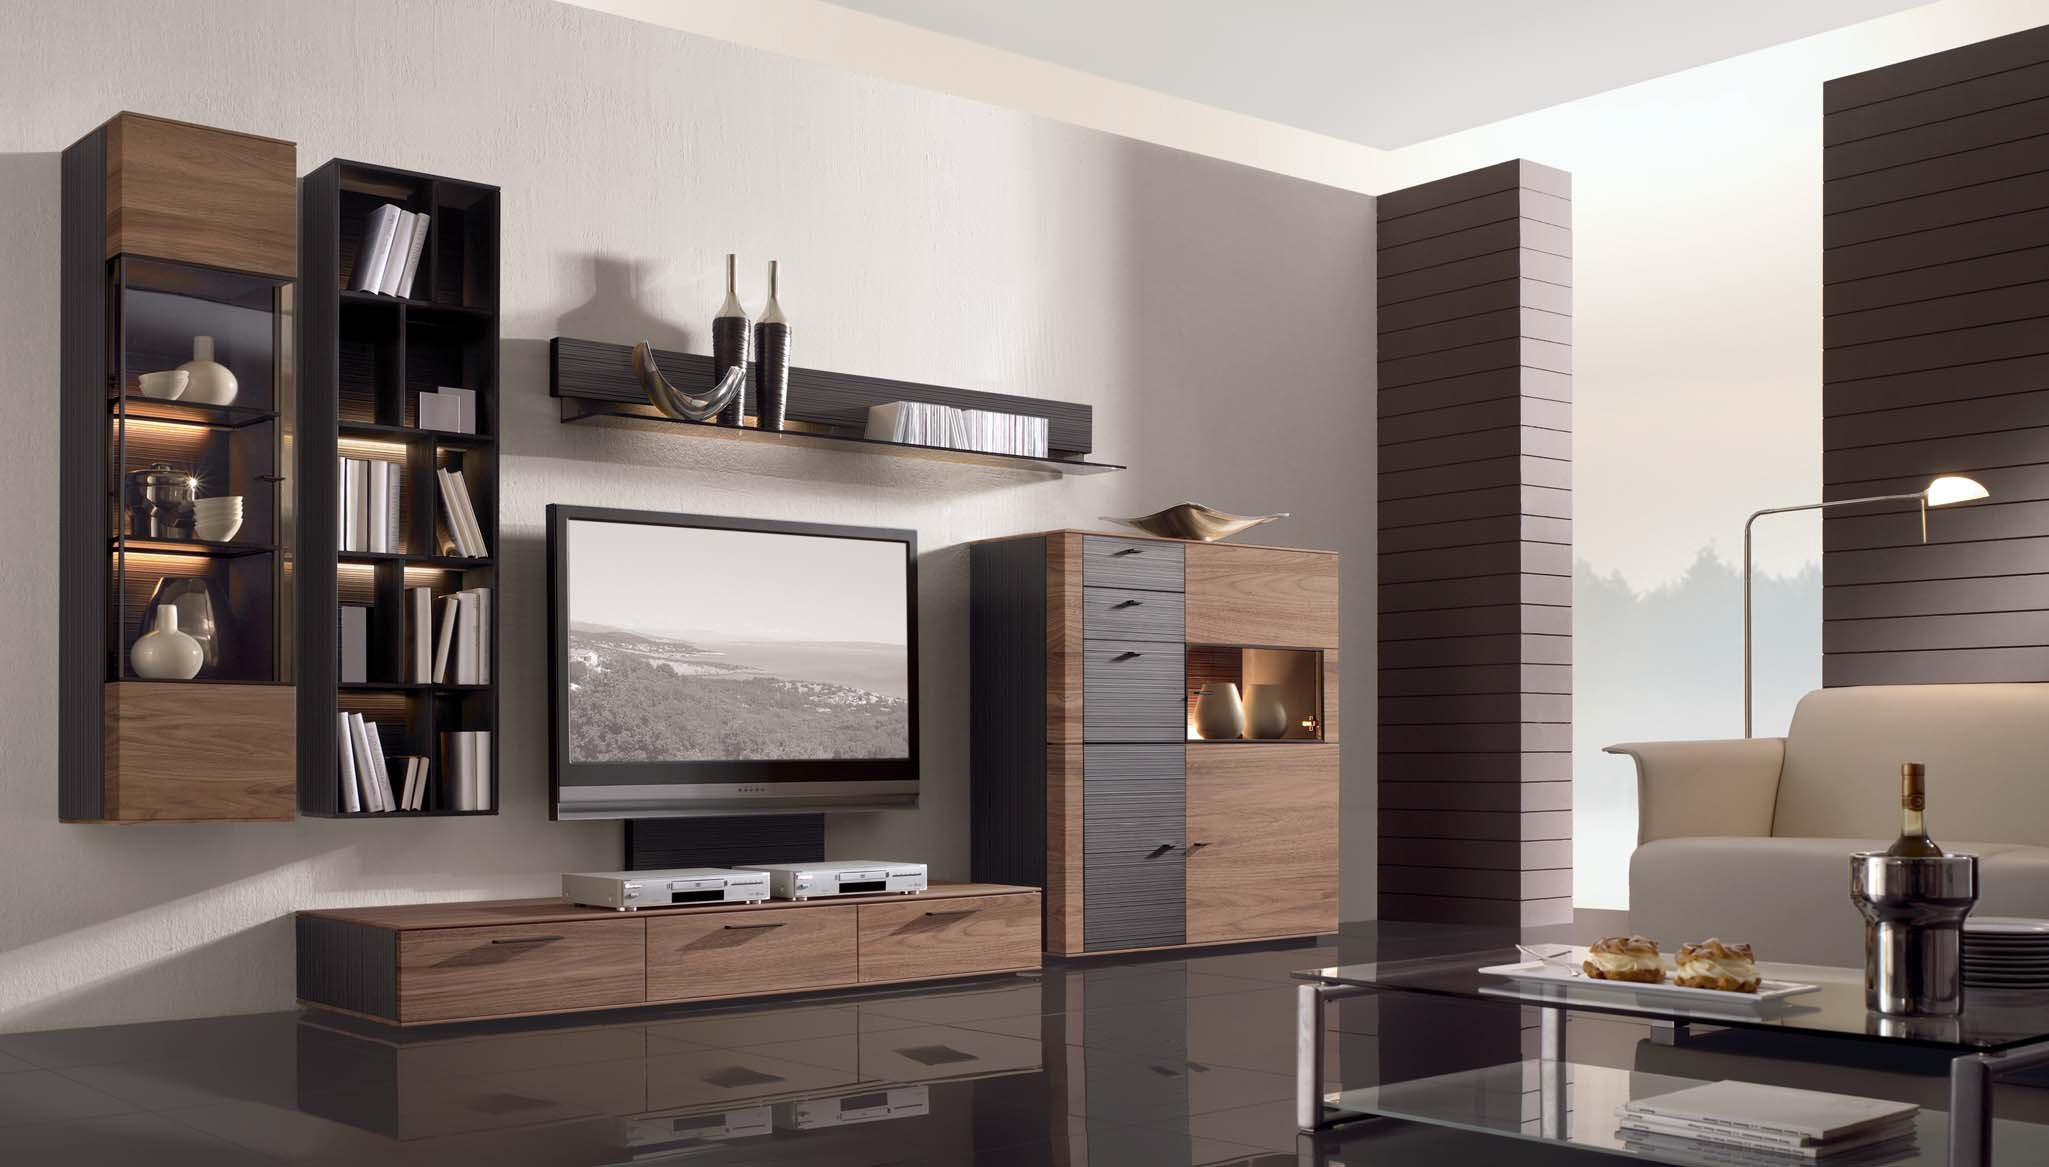 Какой должна быть качественная мебель